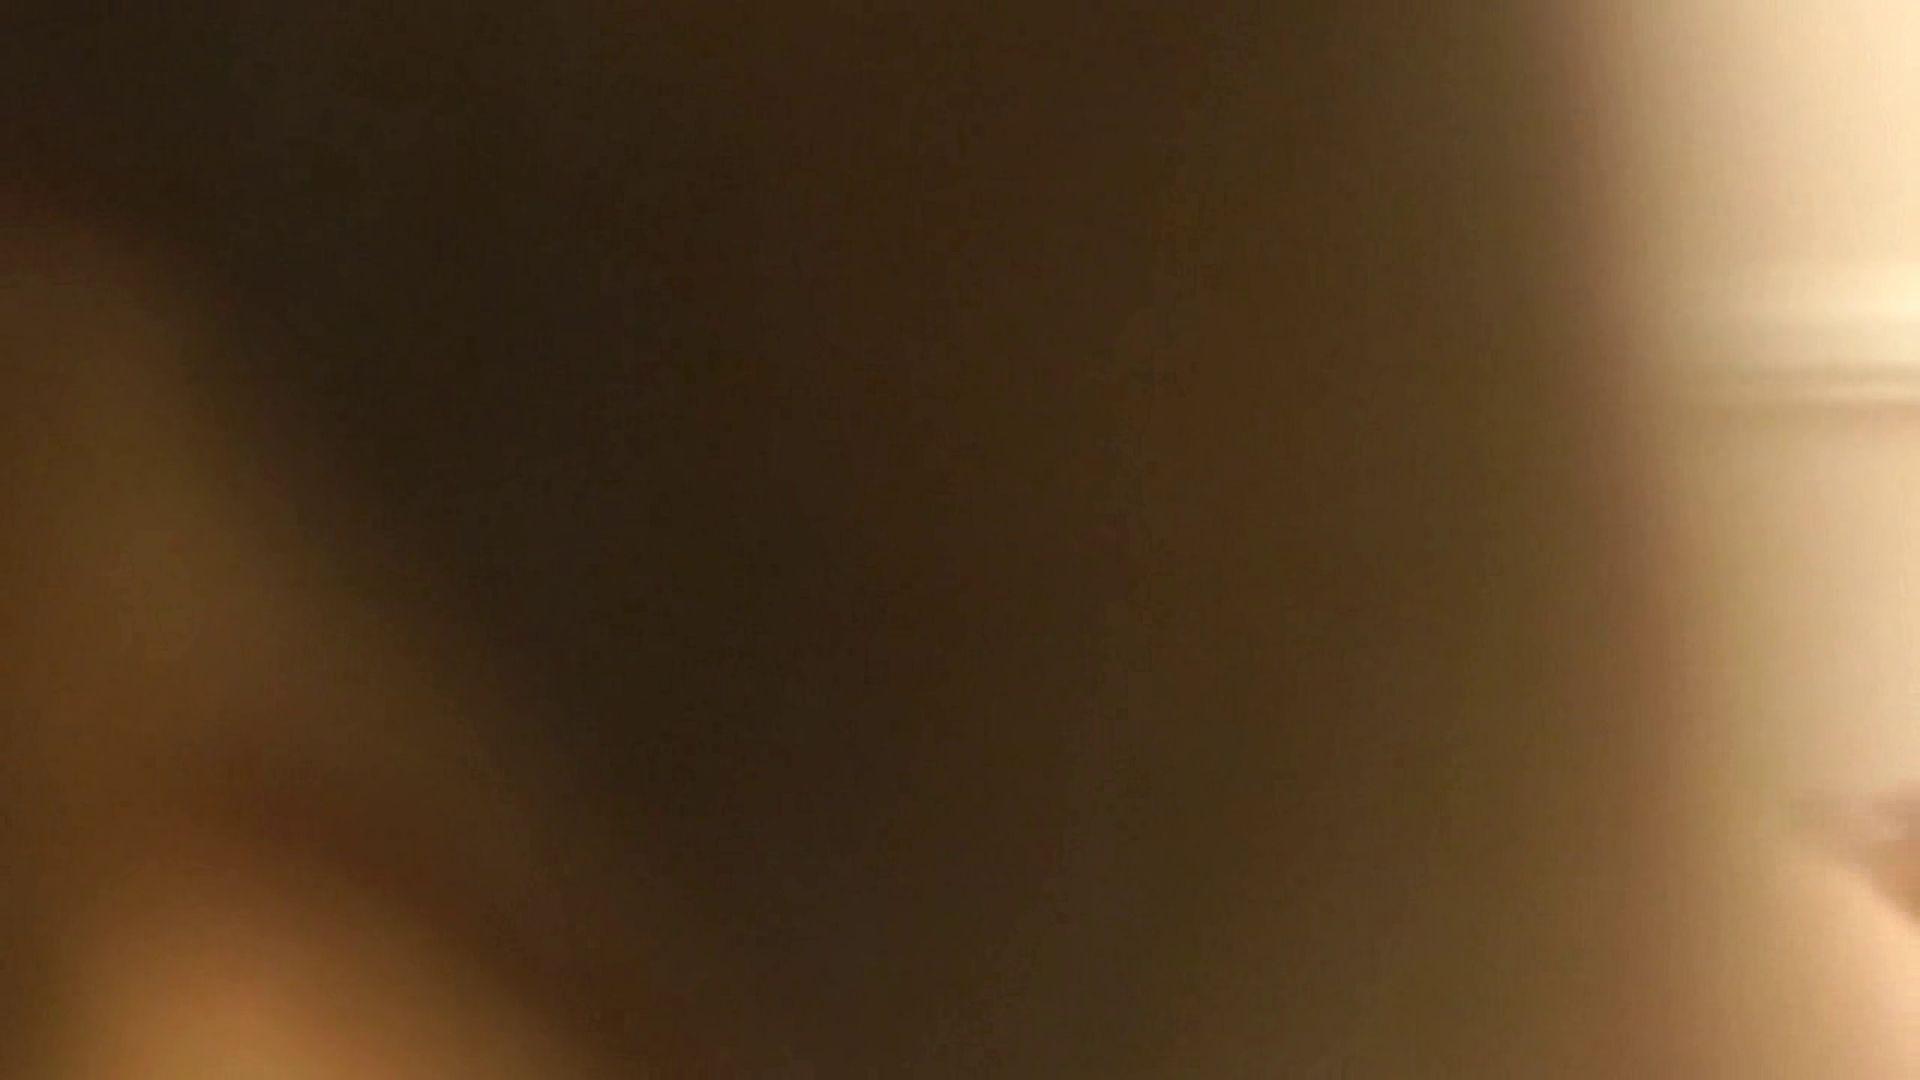 vol.1 Mayumi 窓越しに入浴シーン撮影に成功 入浴中の女性   OLのボディ  57PIX 19